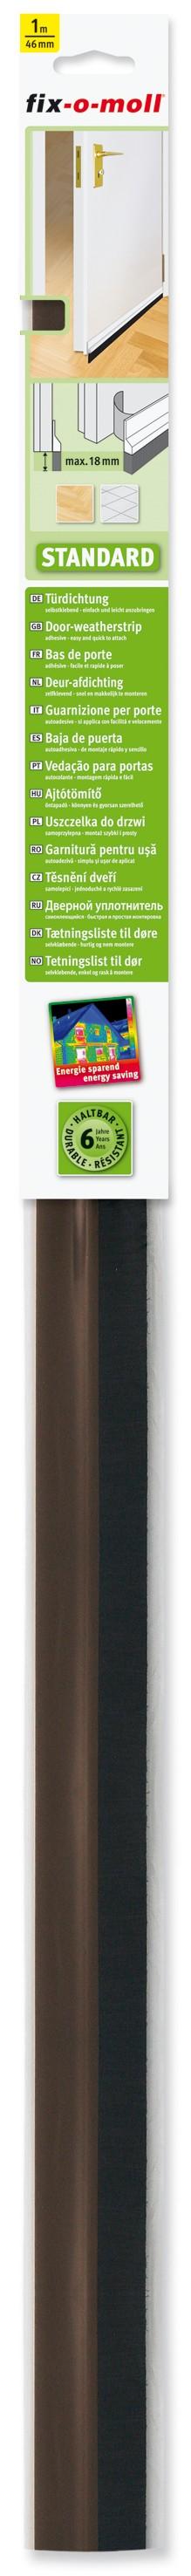 Türdichtung Standard fix-o-moll mit Bürste, Braun, 1m x 46mm